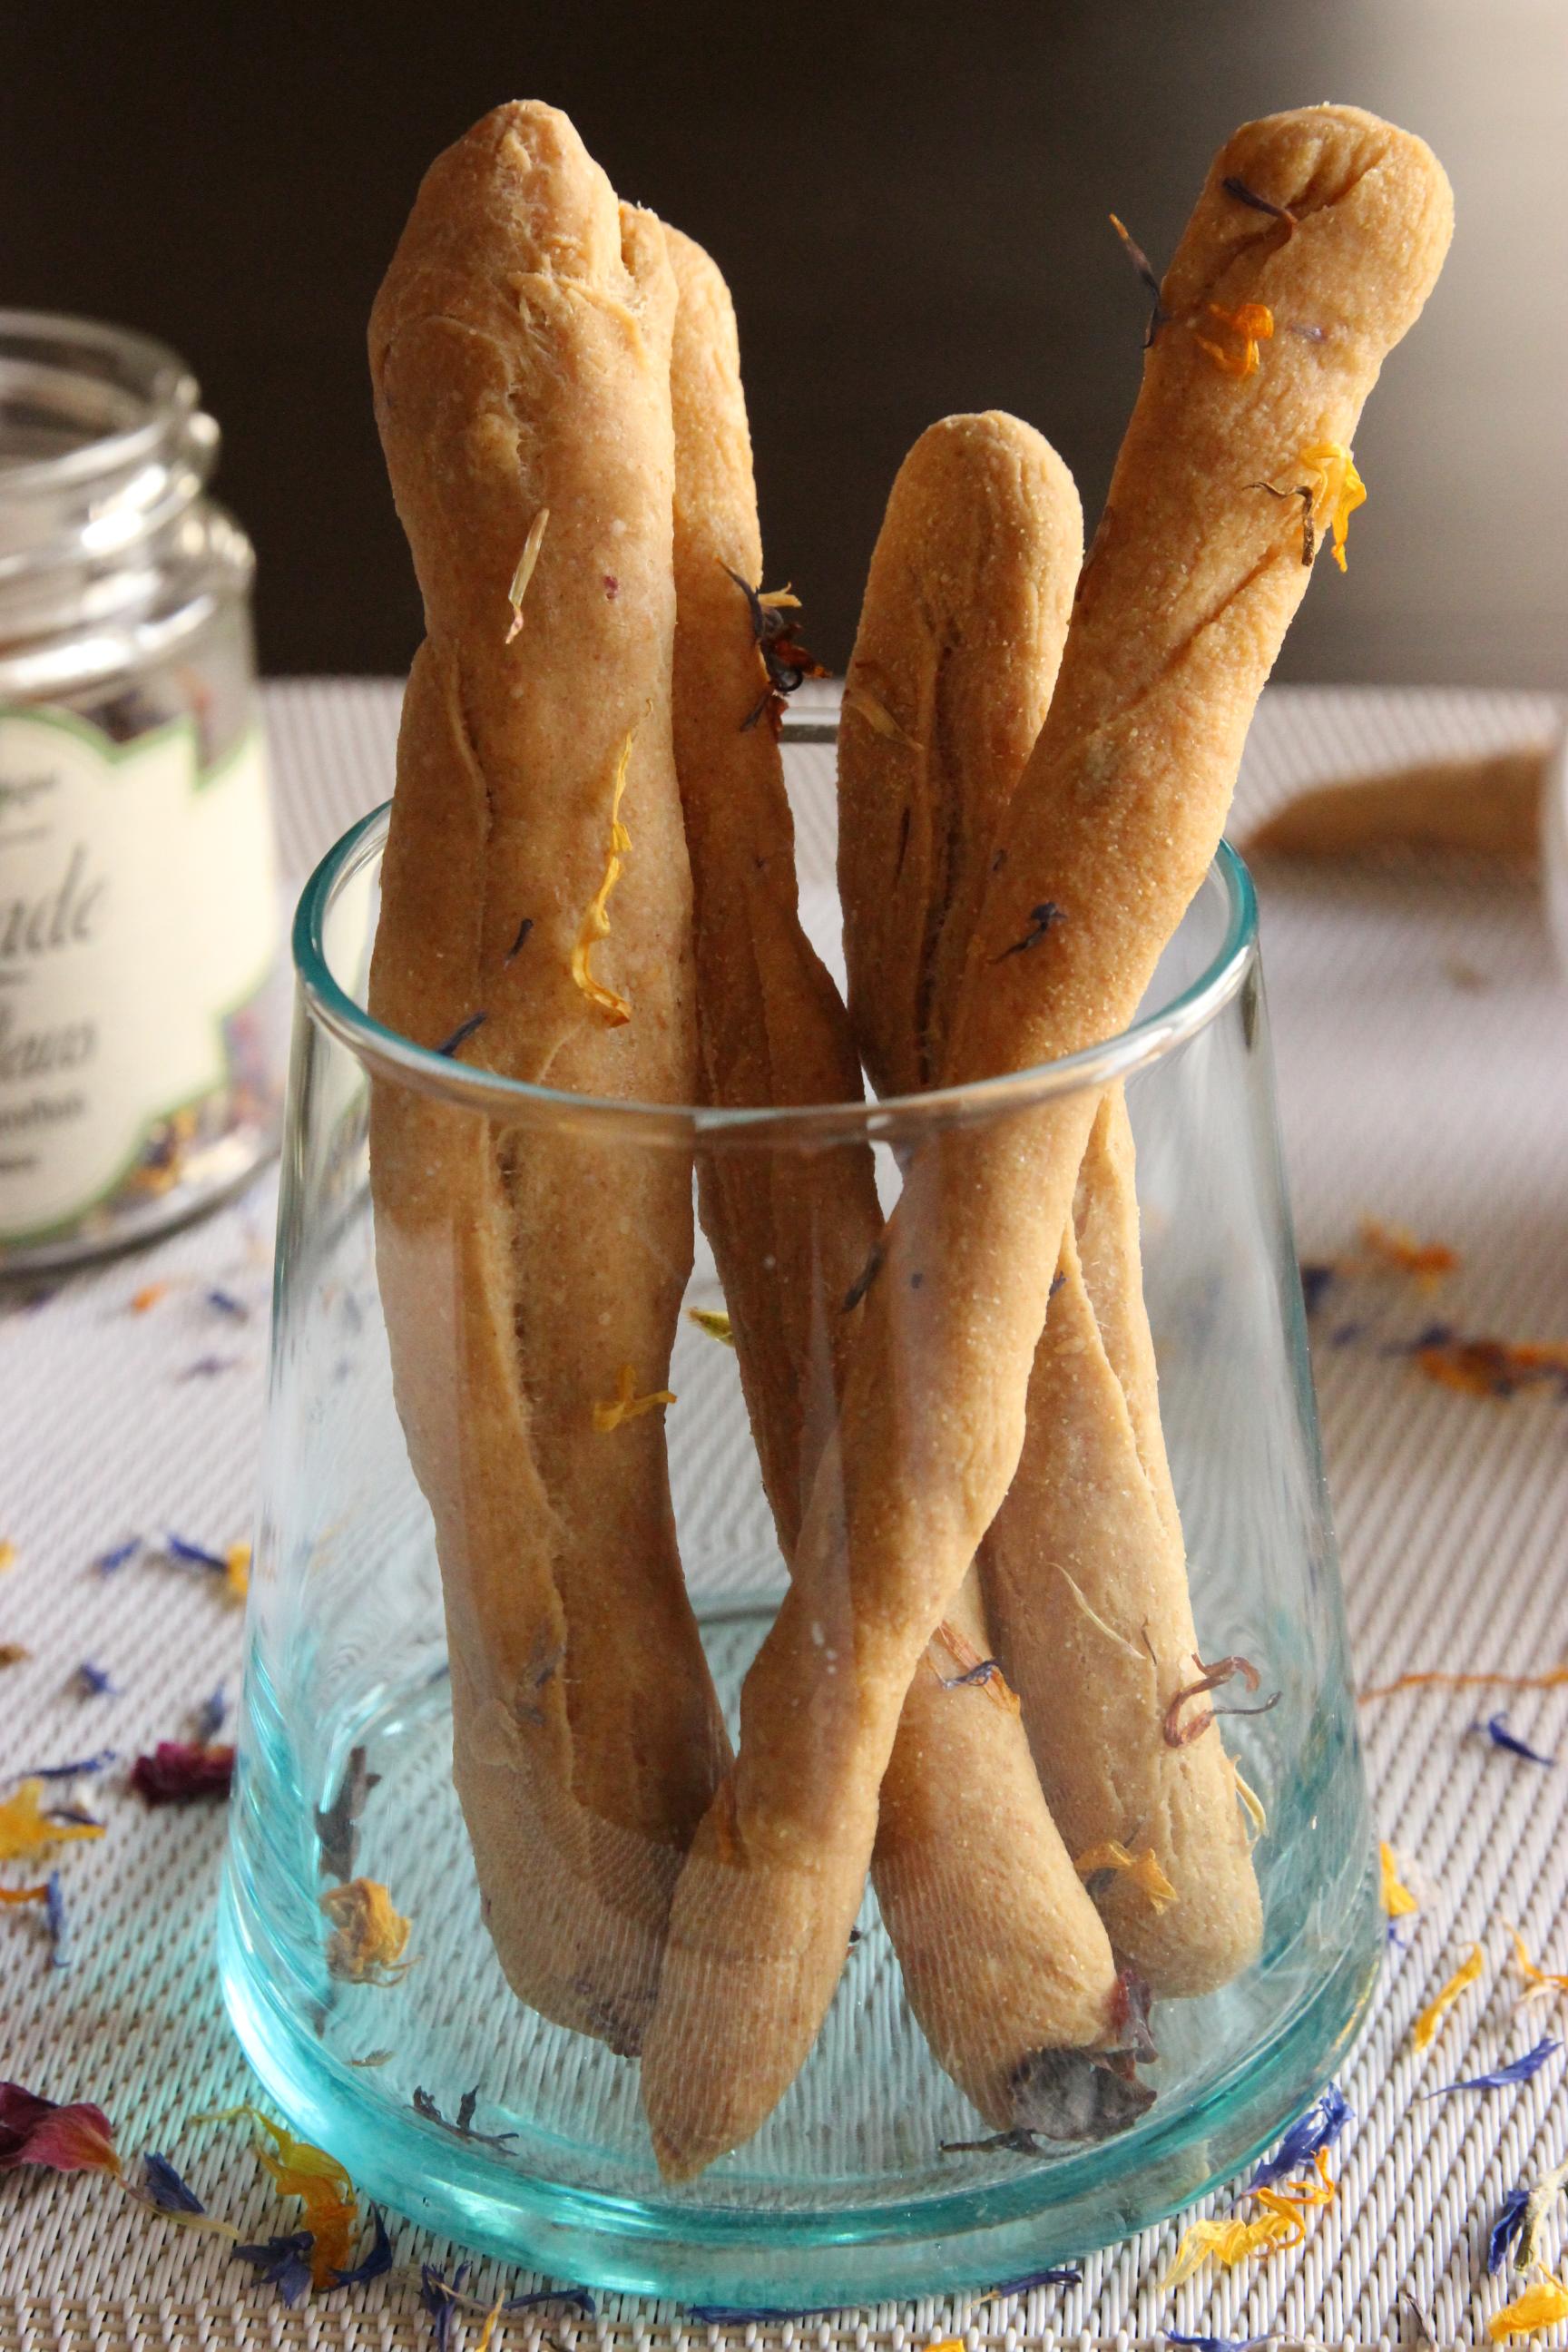 Gressins italiens aux p tales de fleurs id al pour les ap ros d t r v lations gourmandes - Du bruit dans la cuisine part dieu ...